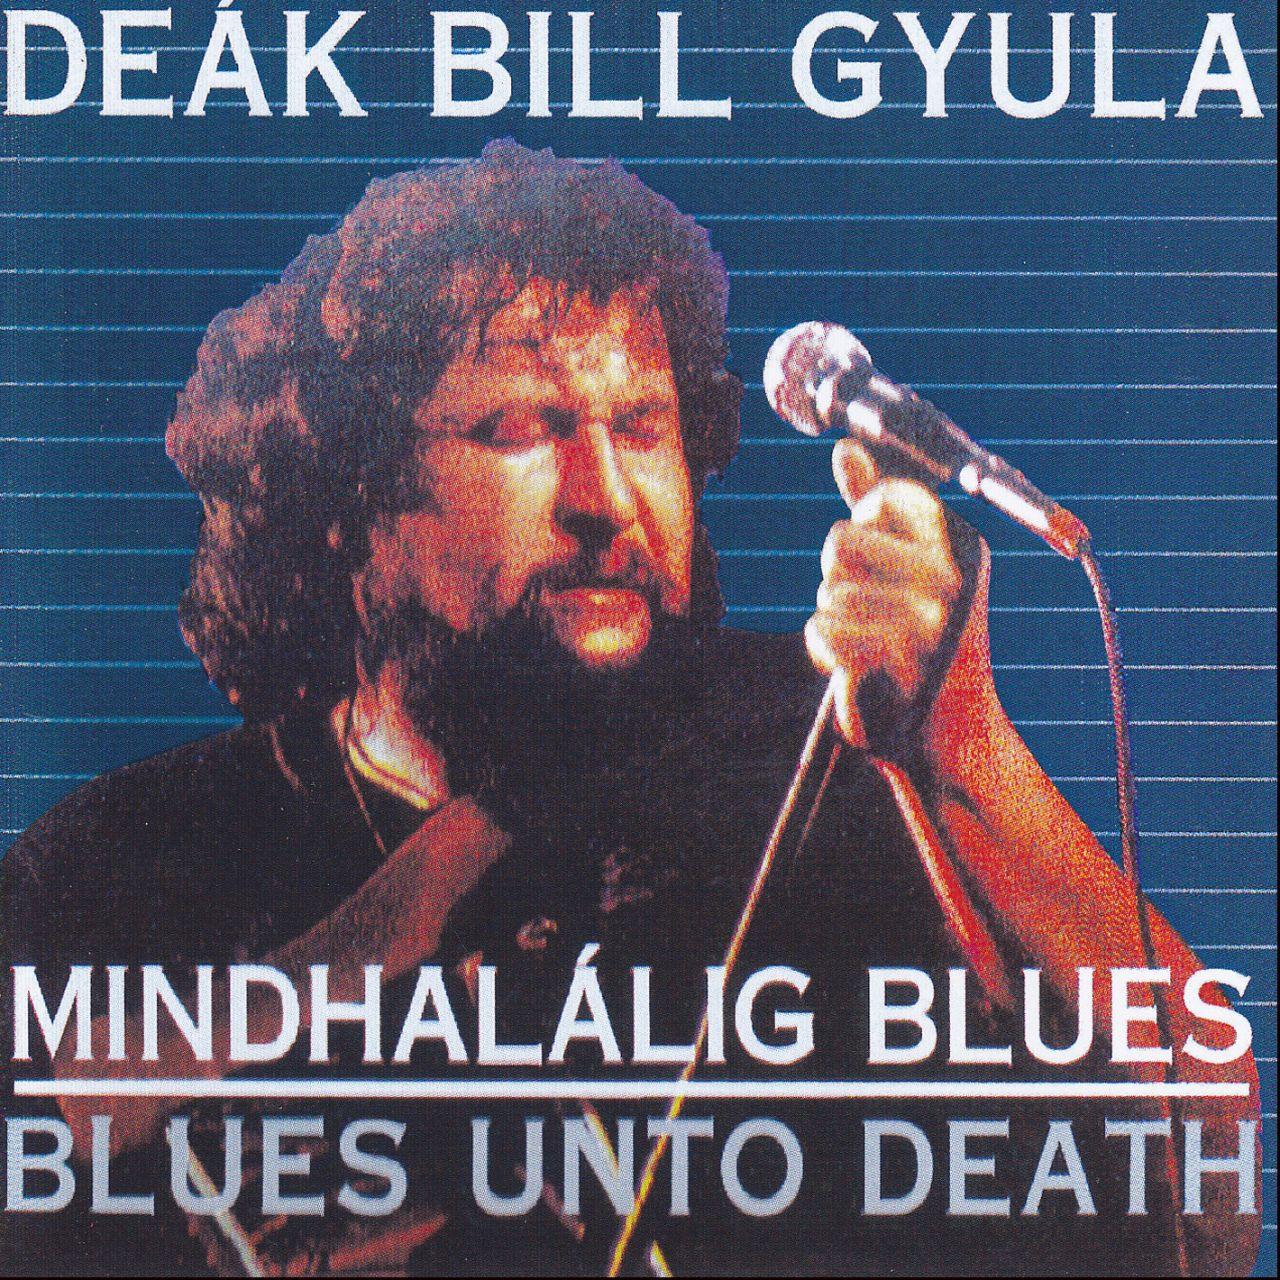 Deák Bill Gyula: Mindhalálig blues (CD)